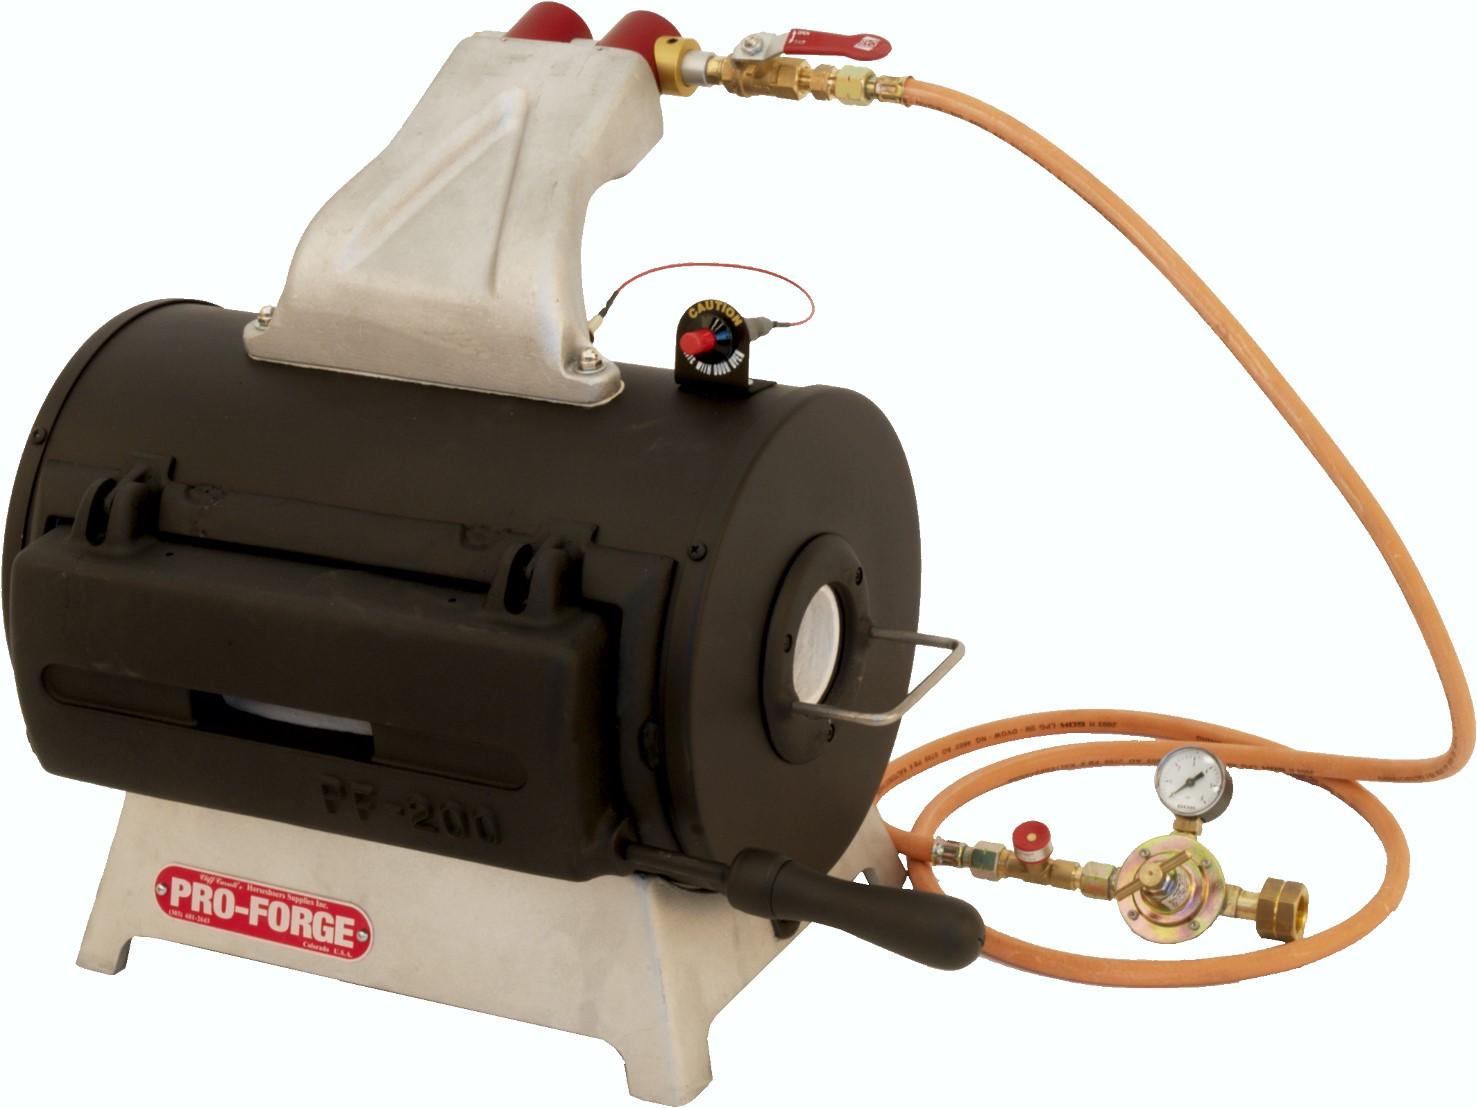 proforge pf 200 four de forge gaz forges gaz monde de la forge angele shop. Black Bedroom Furniture Sets. Home Design Ideas